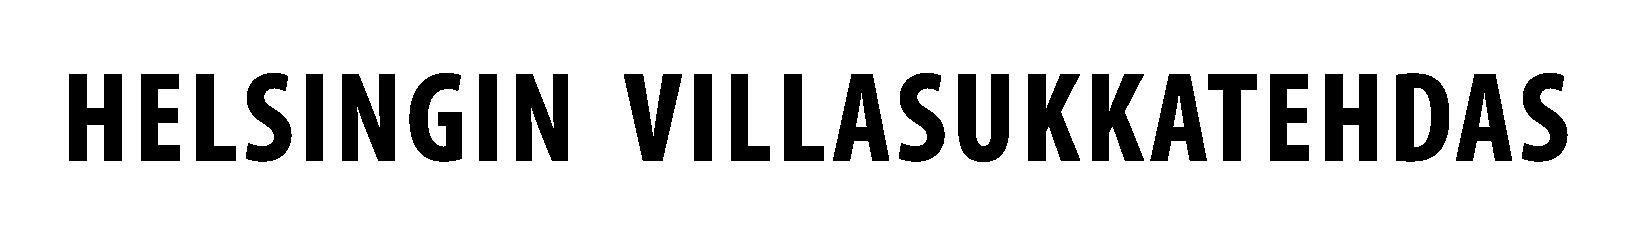 HVS-logo2_musta